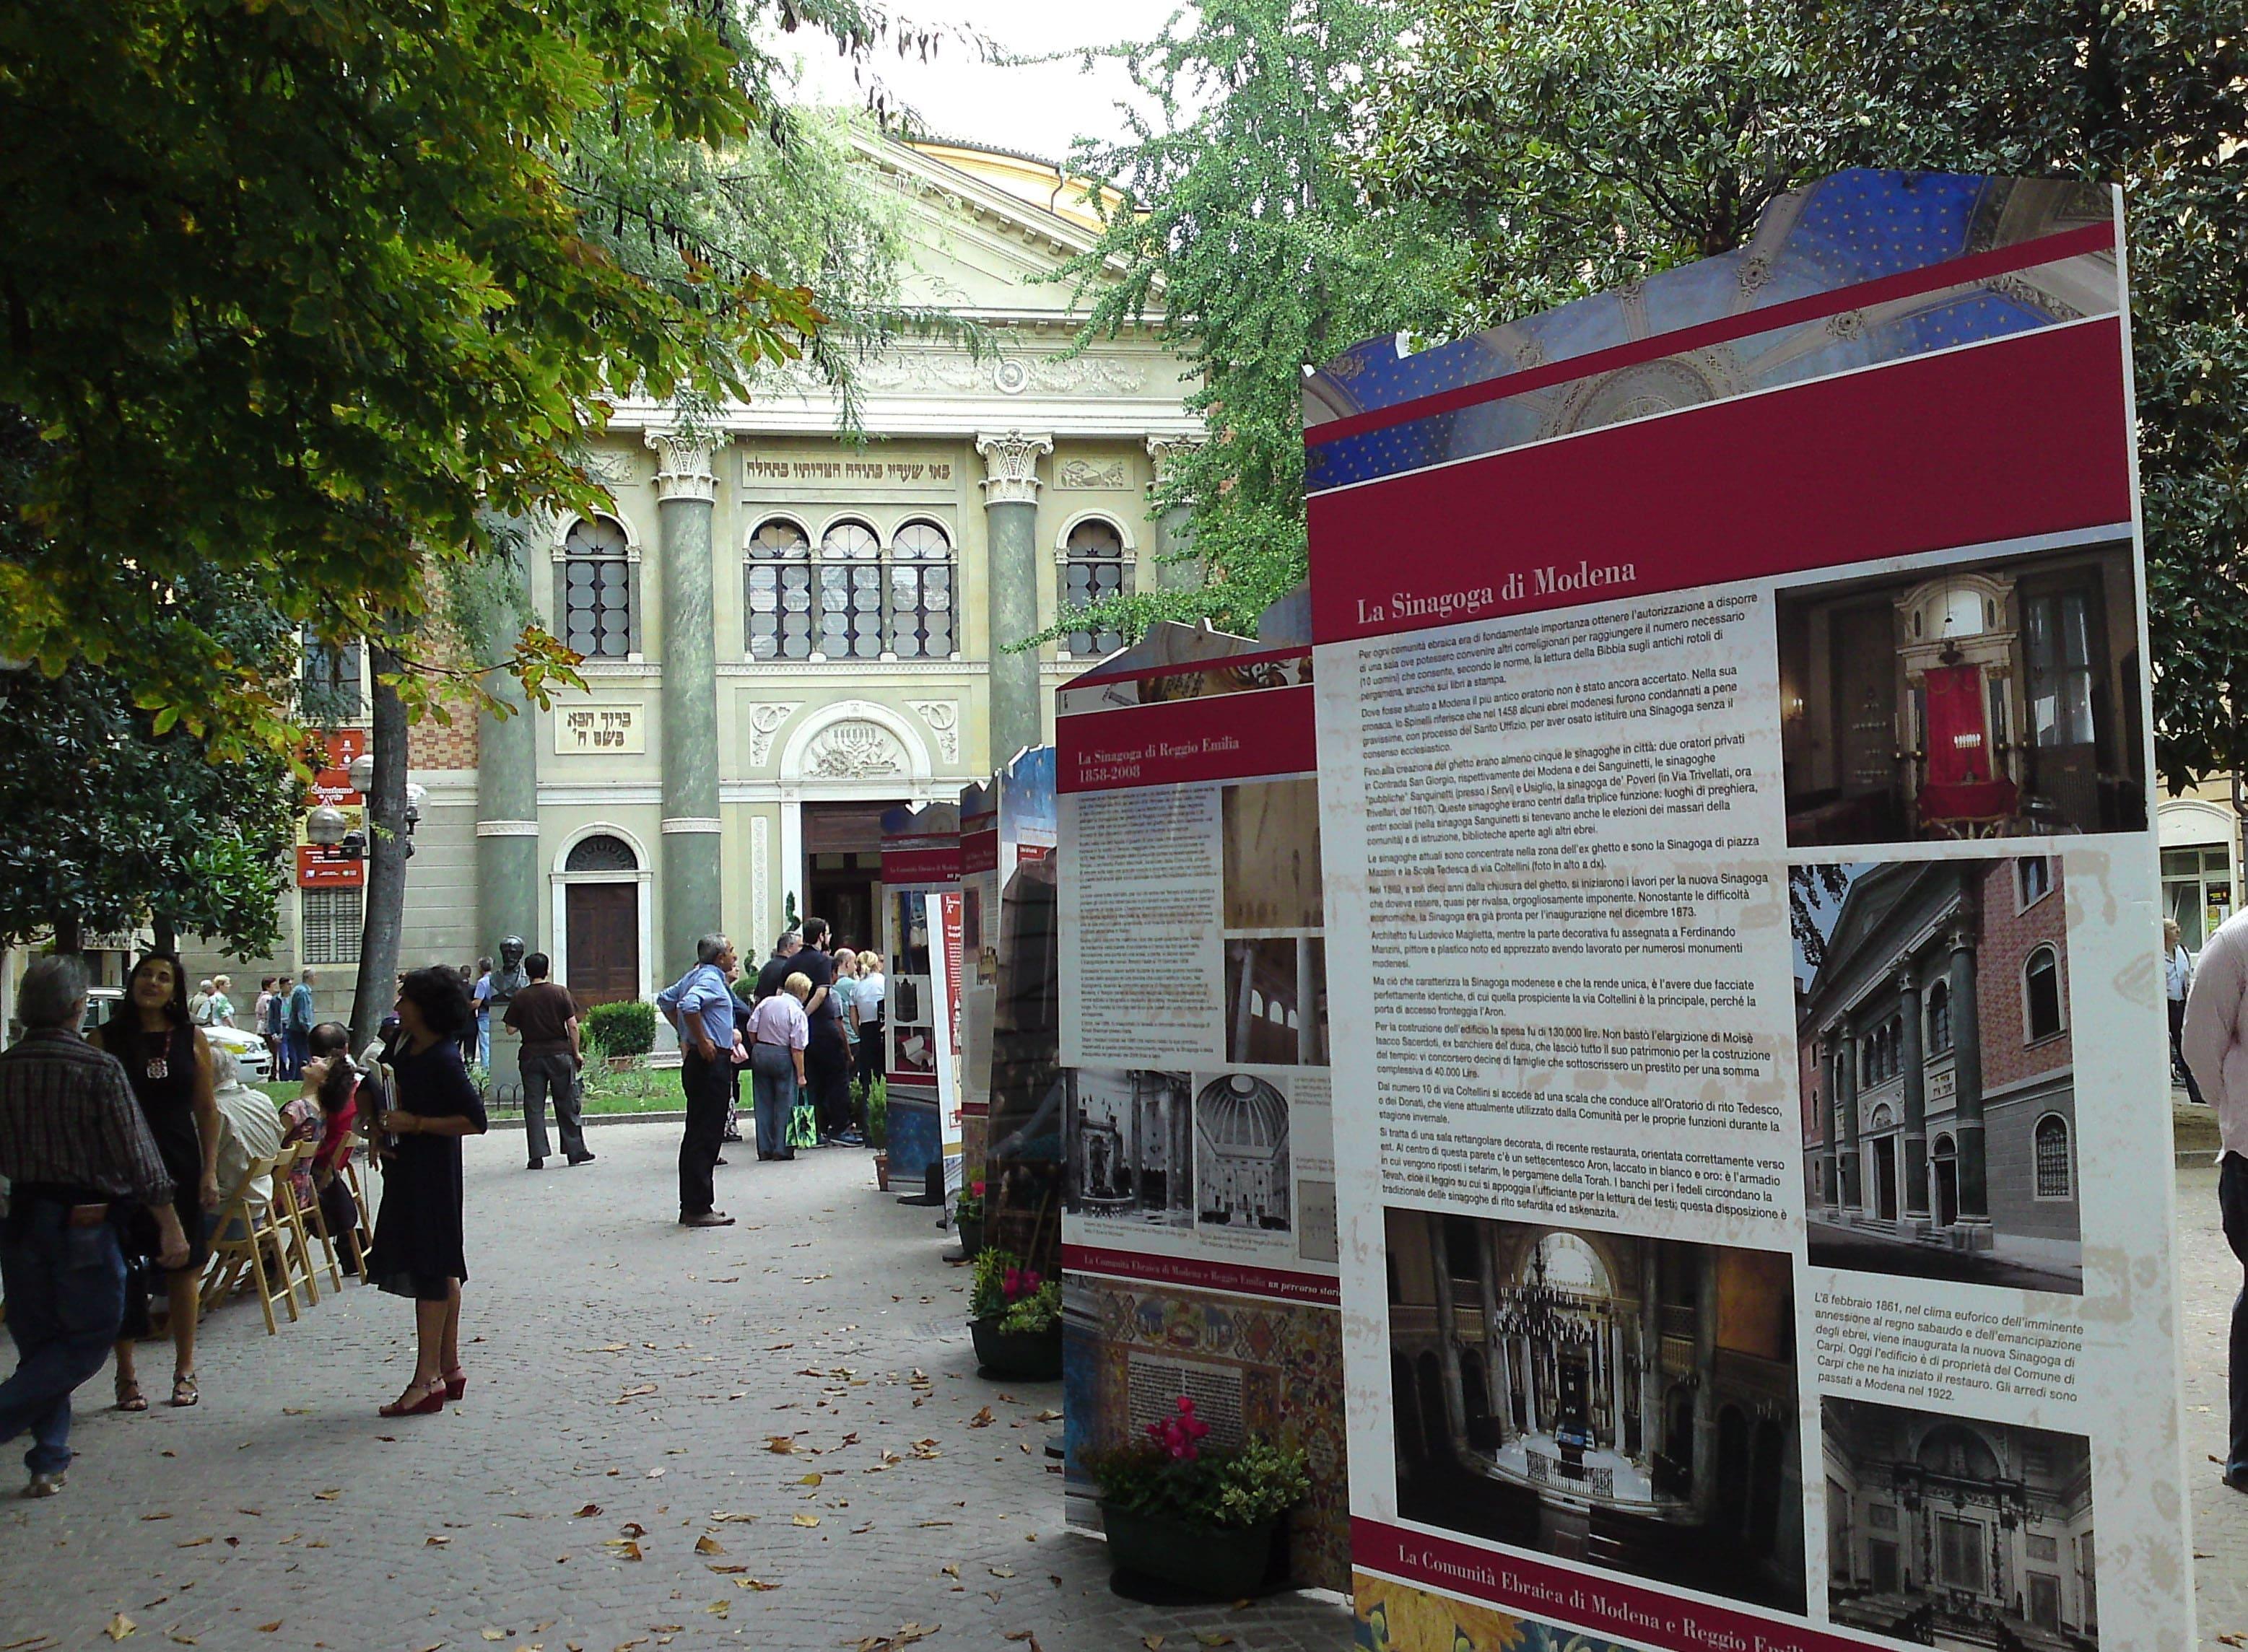 Modena - Sinagoga e pubblico